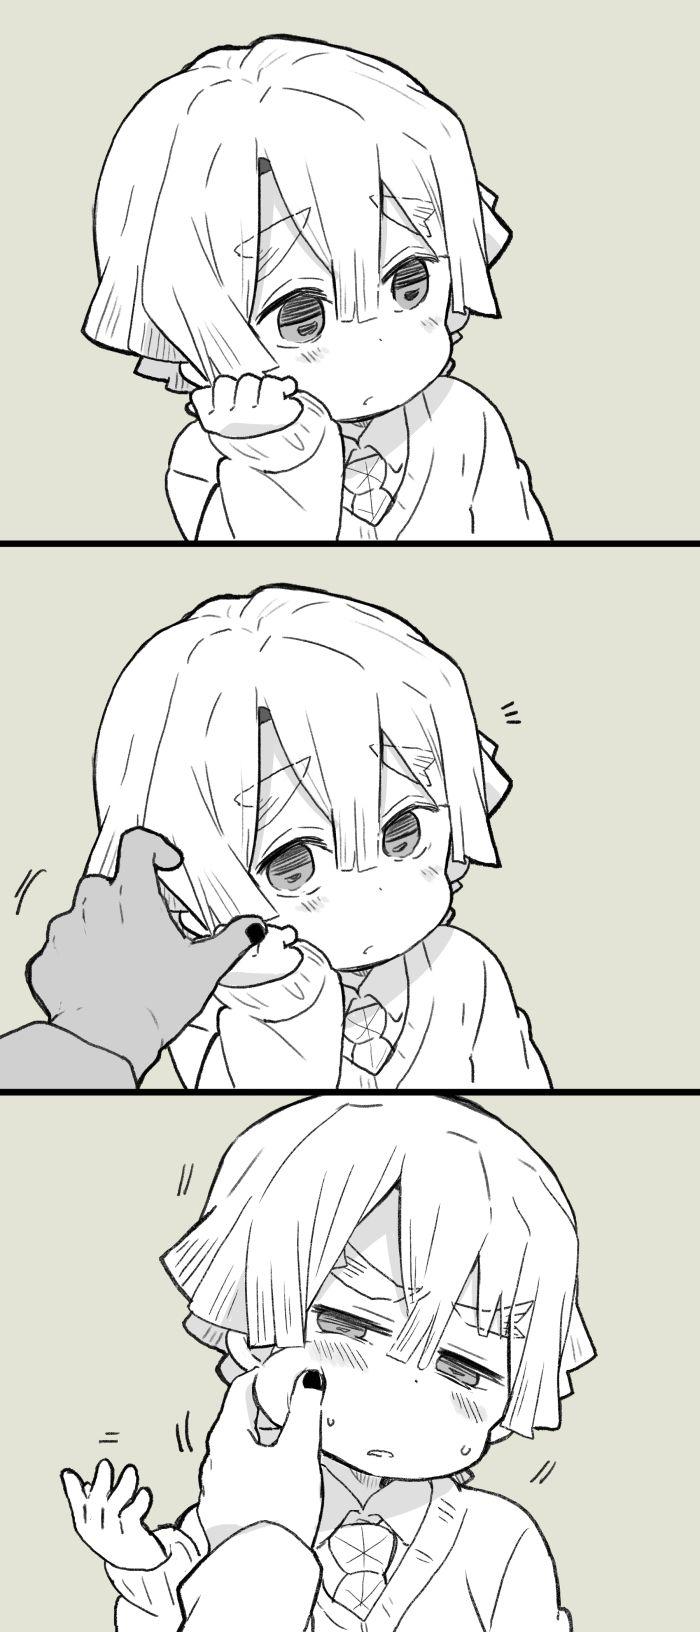 「Anime Boy」おしゃれまとめの人気アイデア Pinterest fadeeya(画像あり) アニメチビ